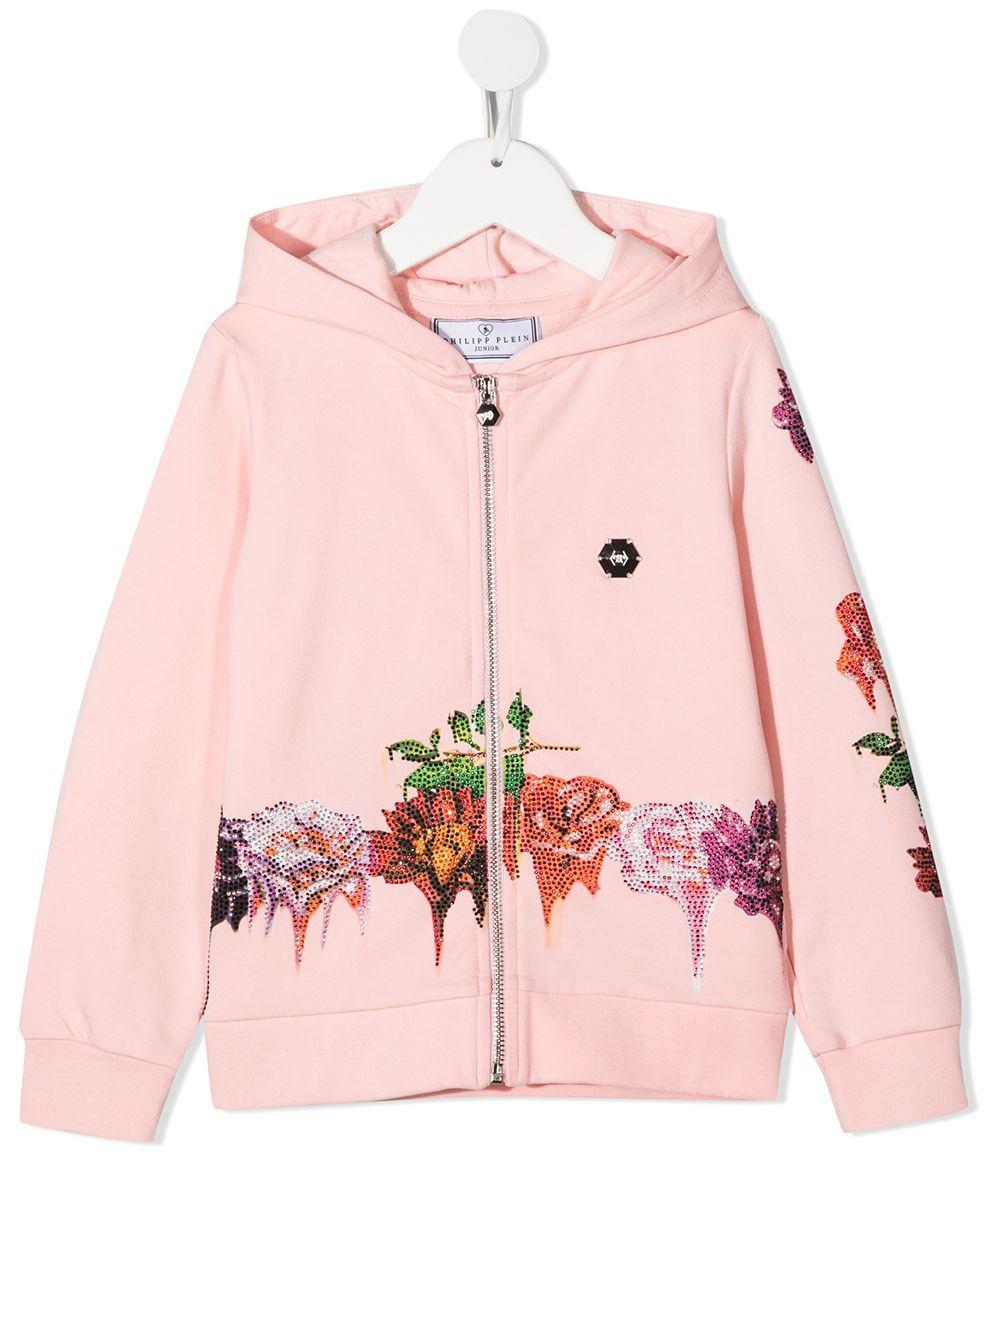 Philipp Plein rose embellished zip hoodie - Pink